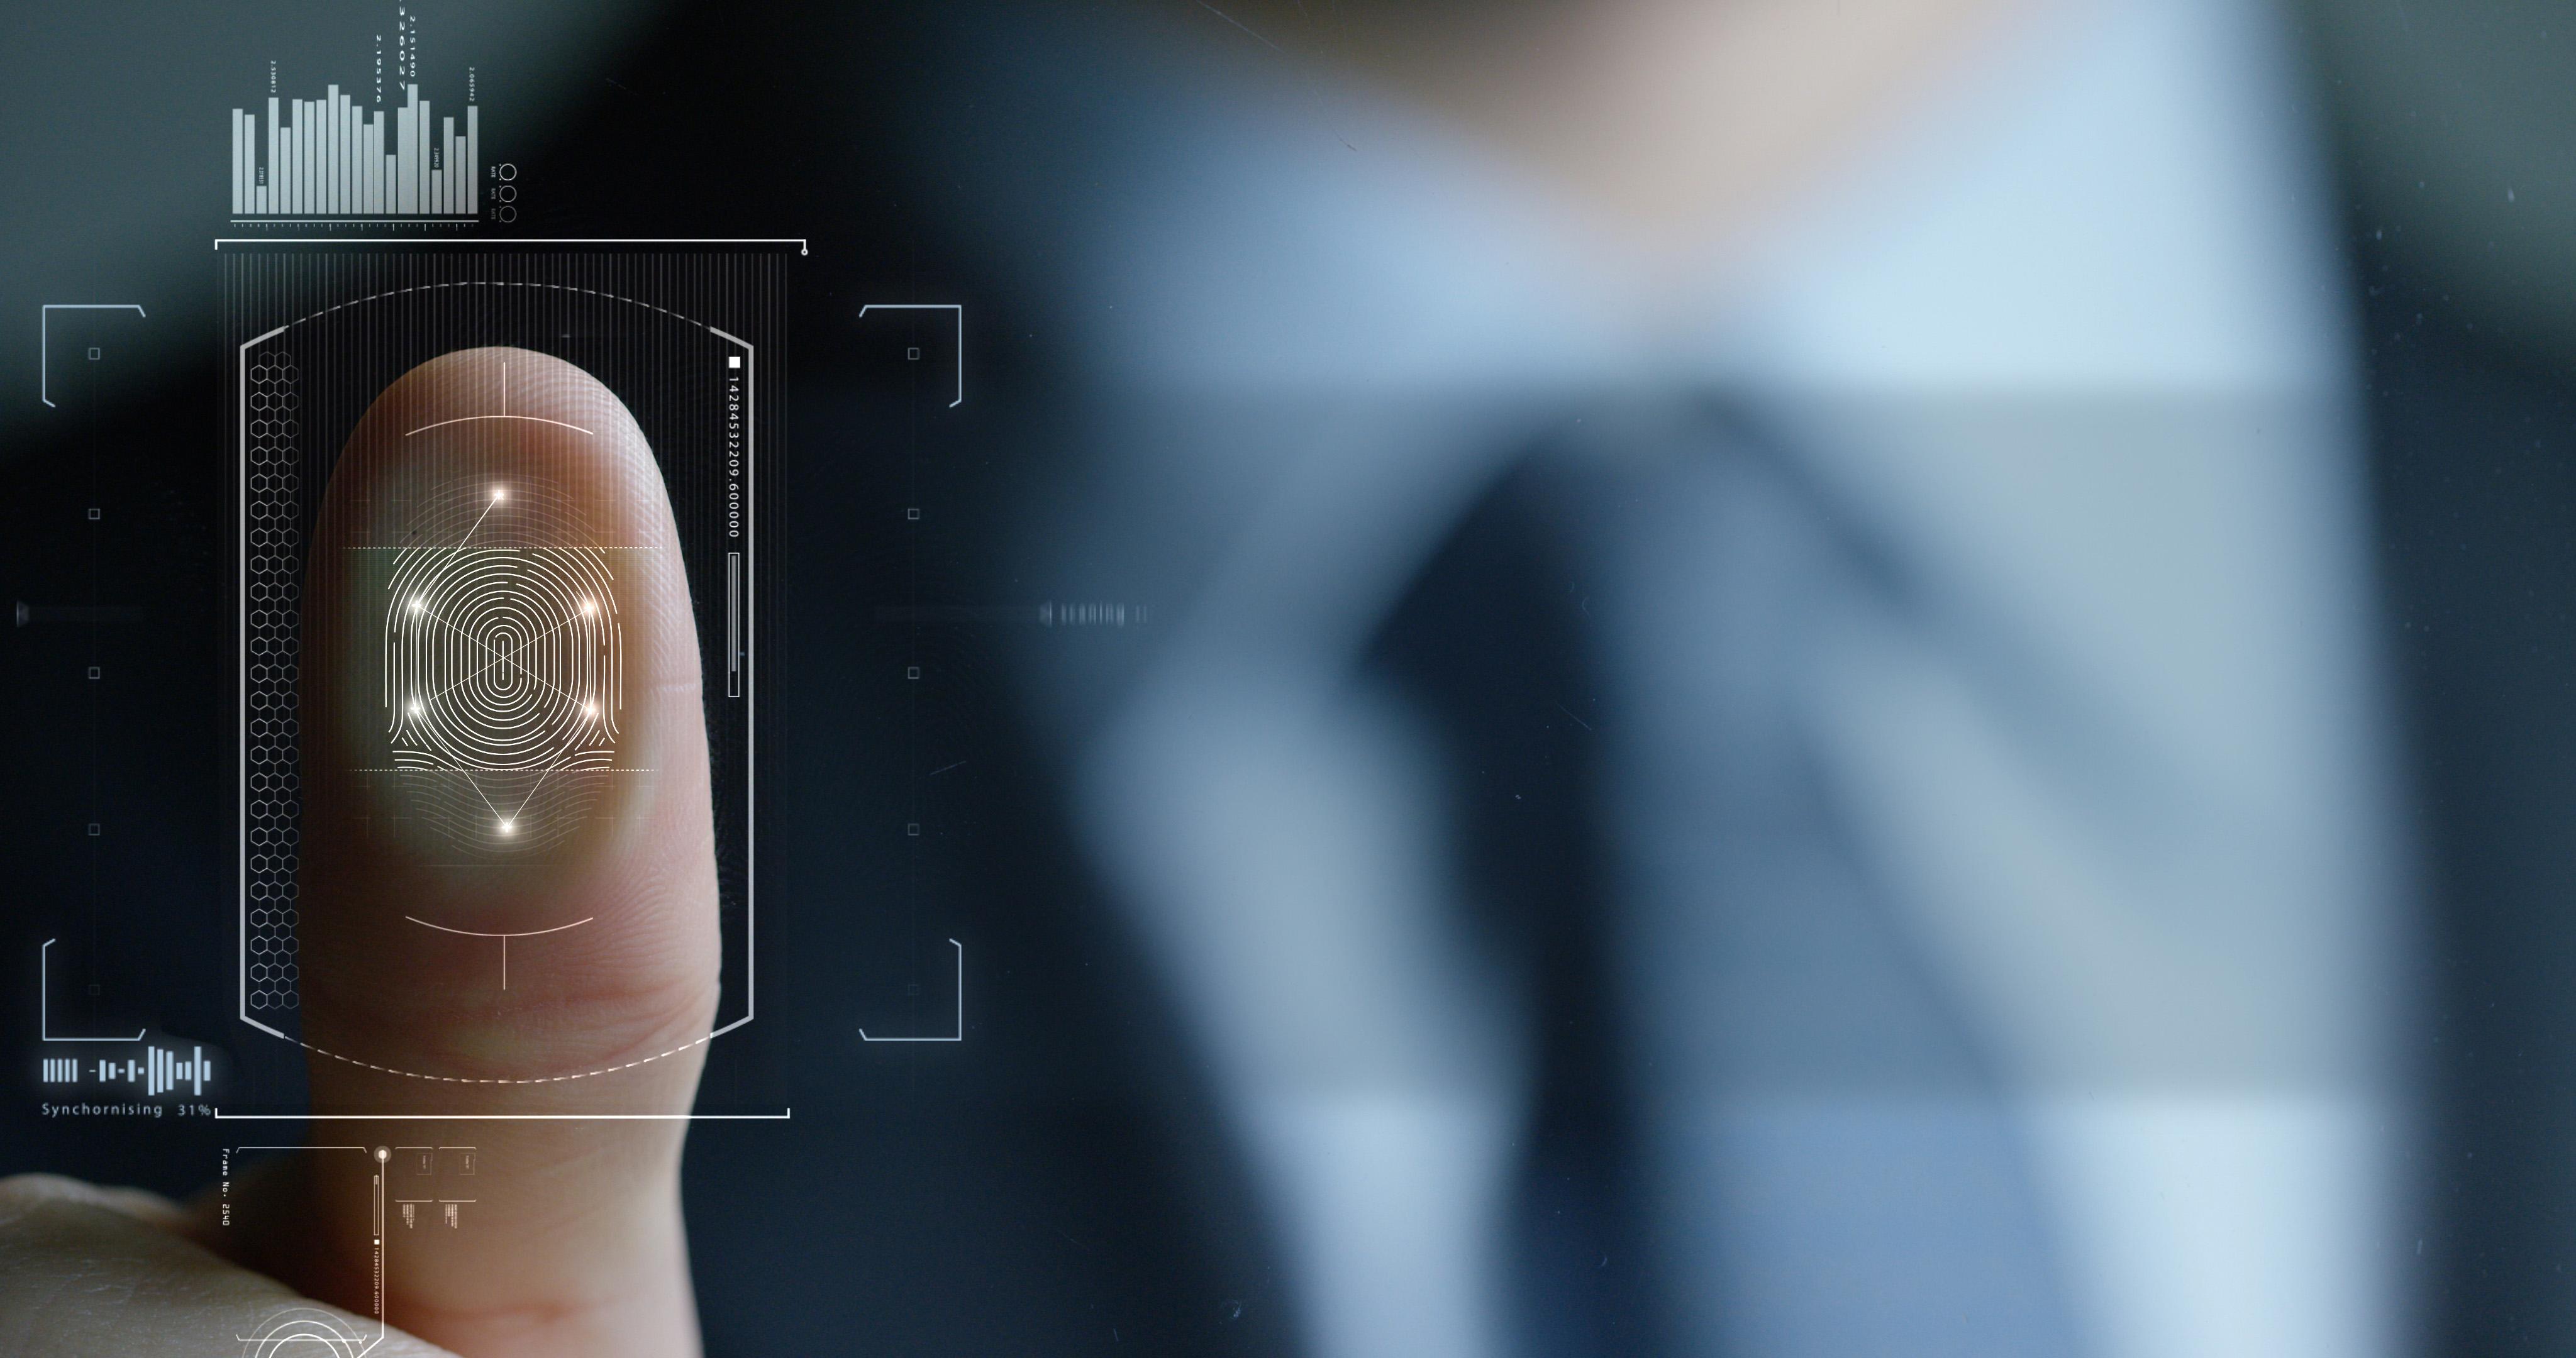 Relógio de Ponto Biométrico: Como Funciona?